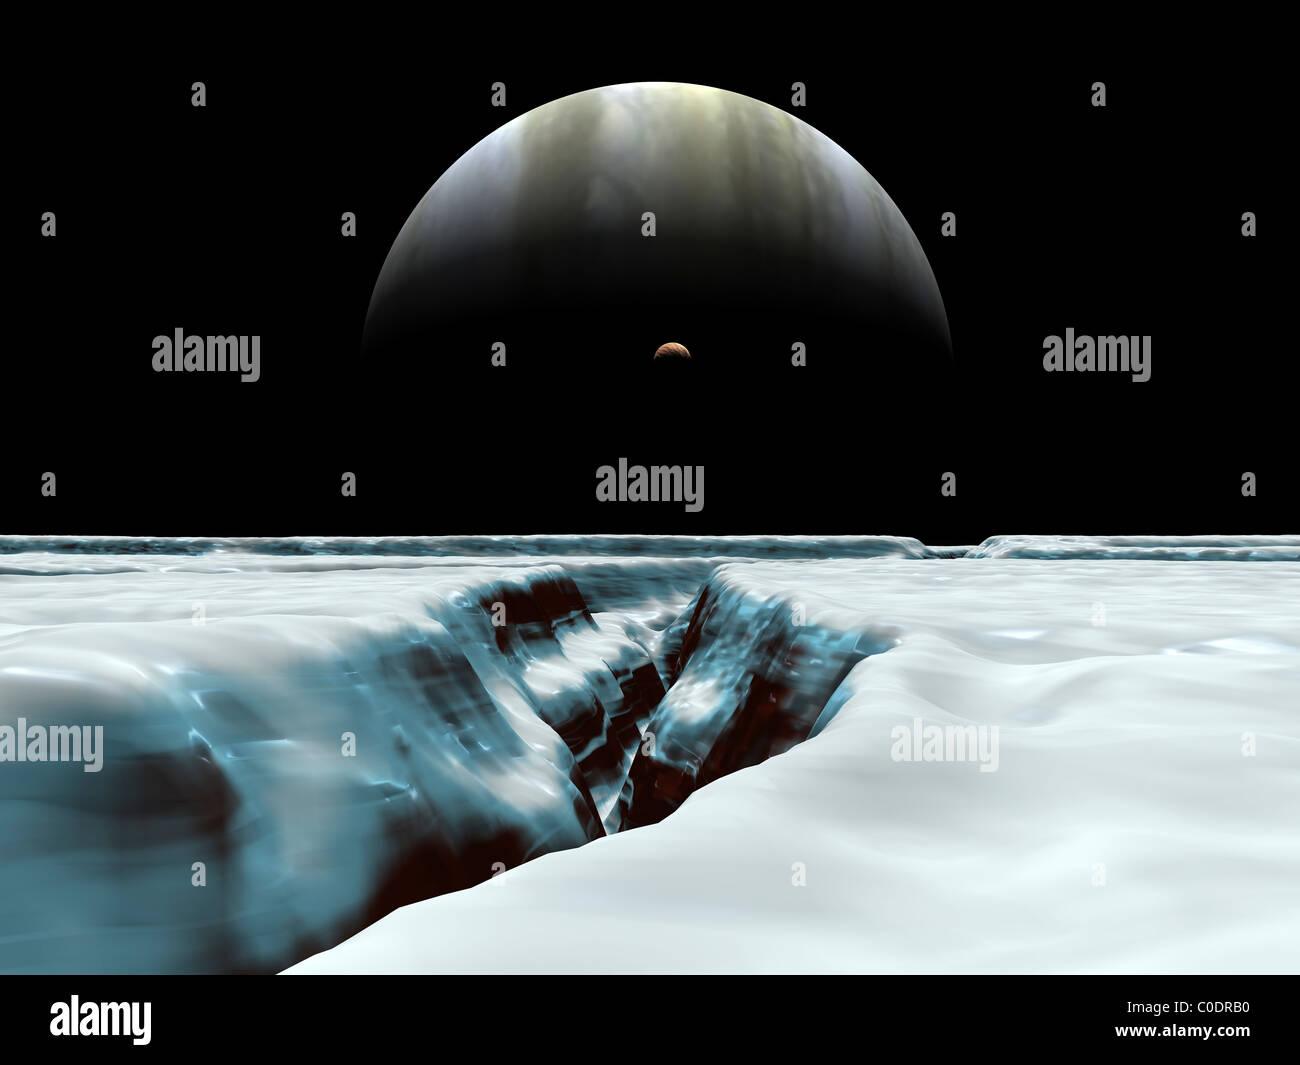 Ein Halbmond Jupiter und vulkanischen Satellit, Io, schweben über dem Horizont von der eisigen Mond von Europa. Stockbild